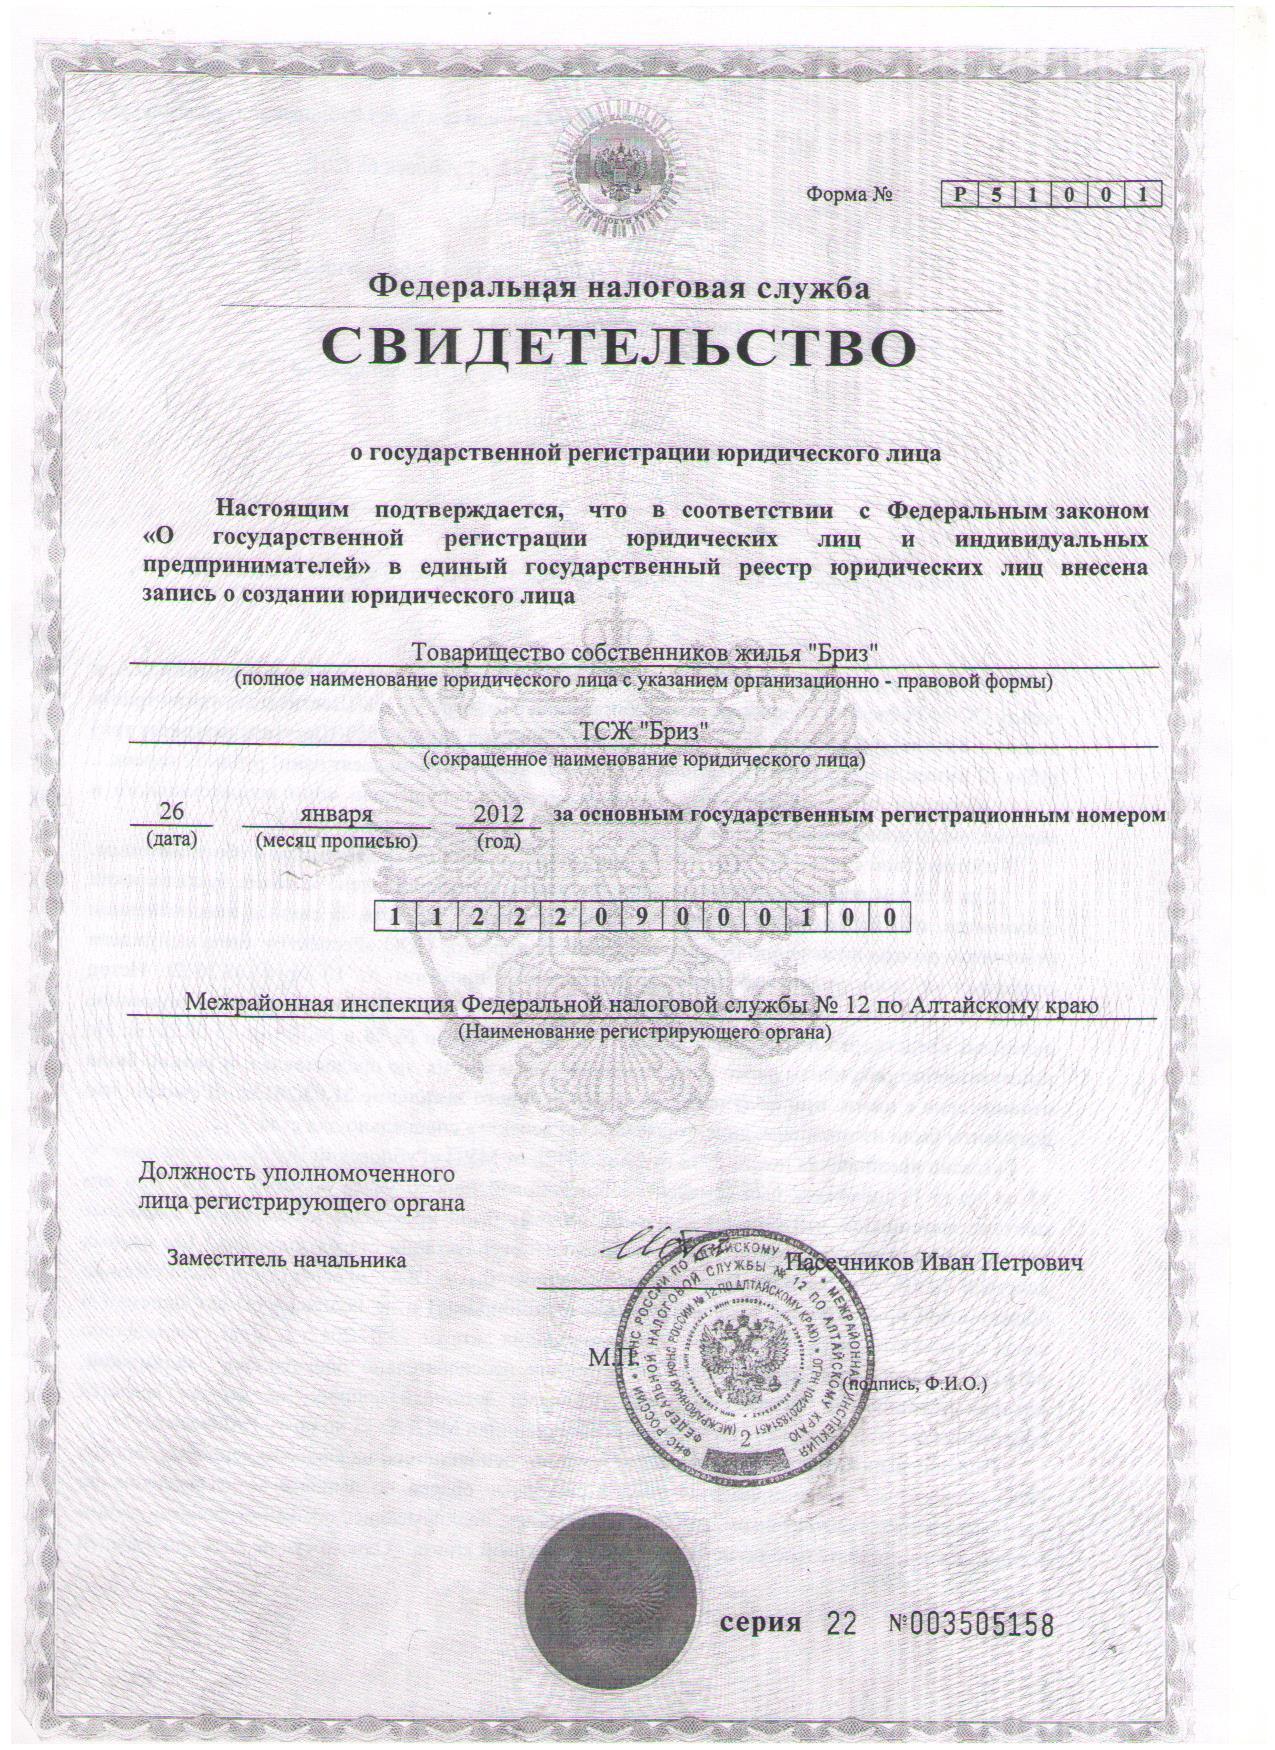 отчетность форма №1-мон за 2012 год бланк